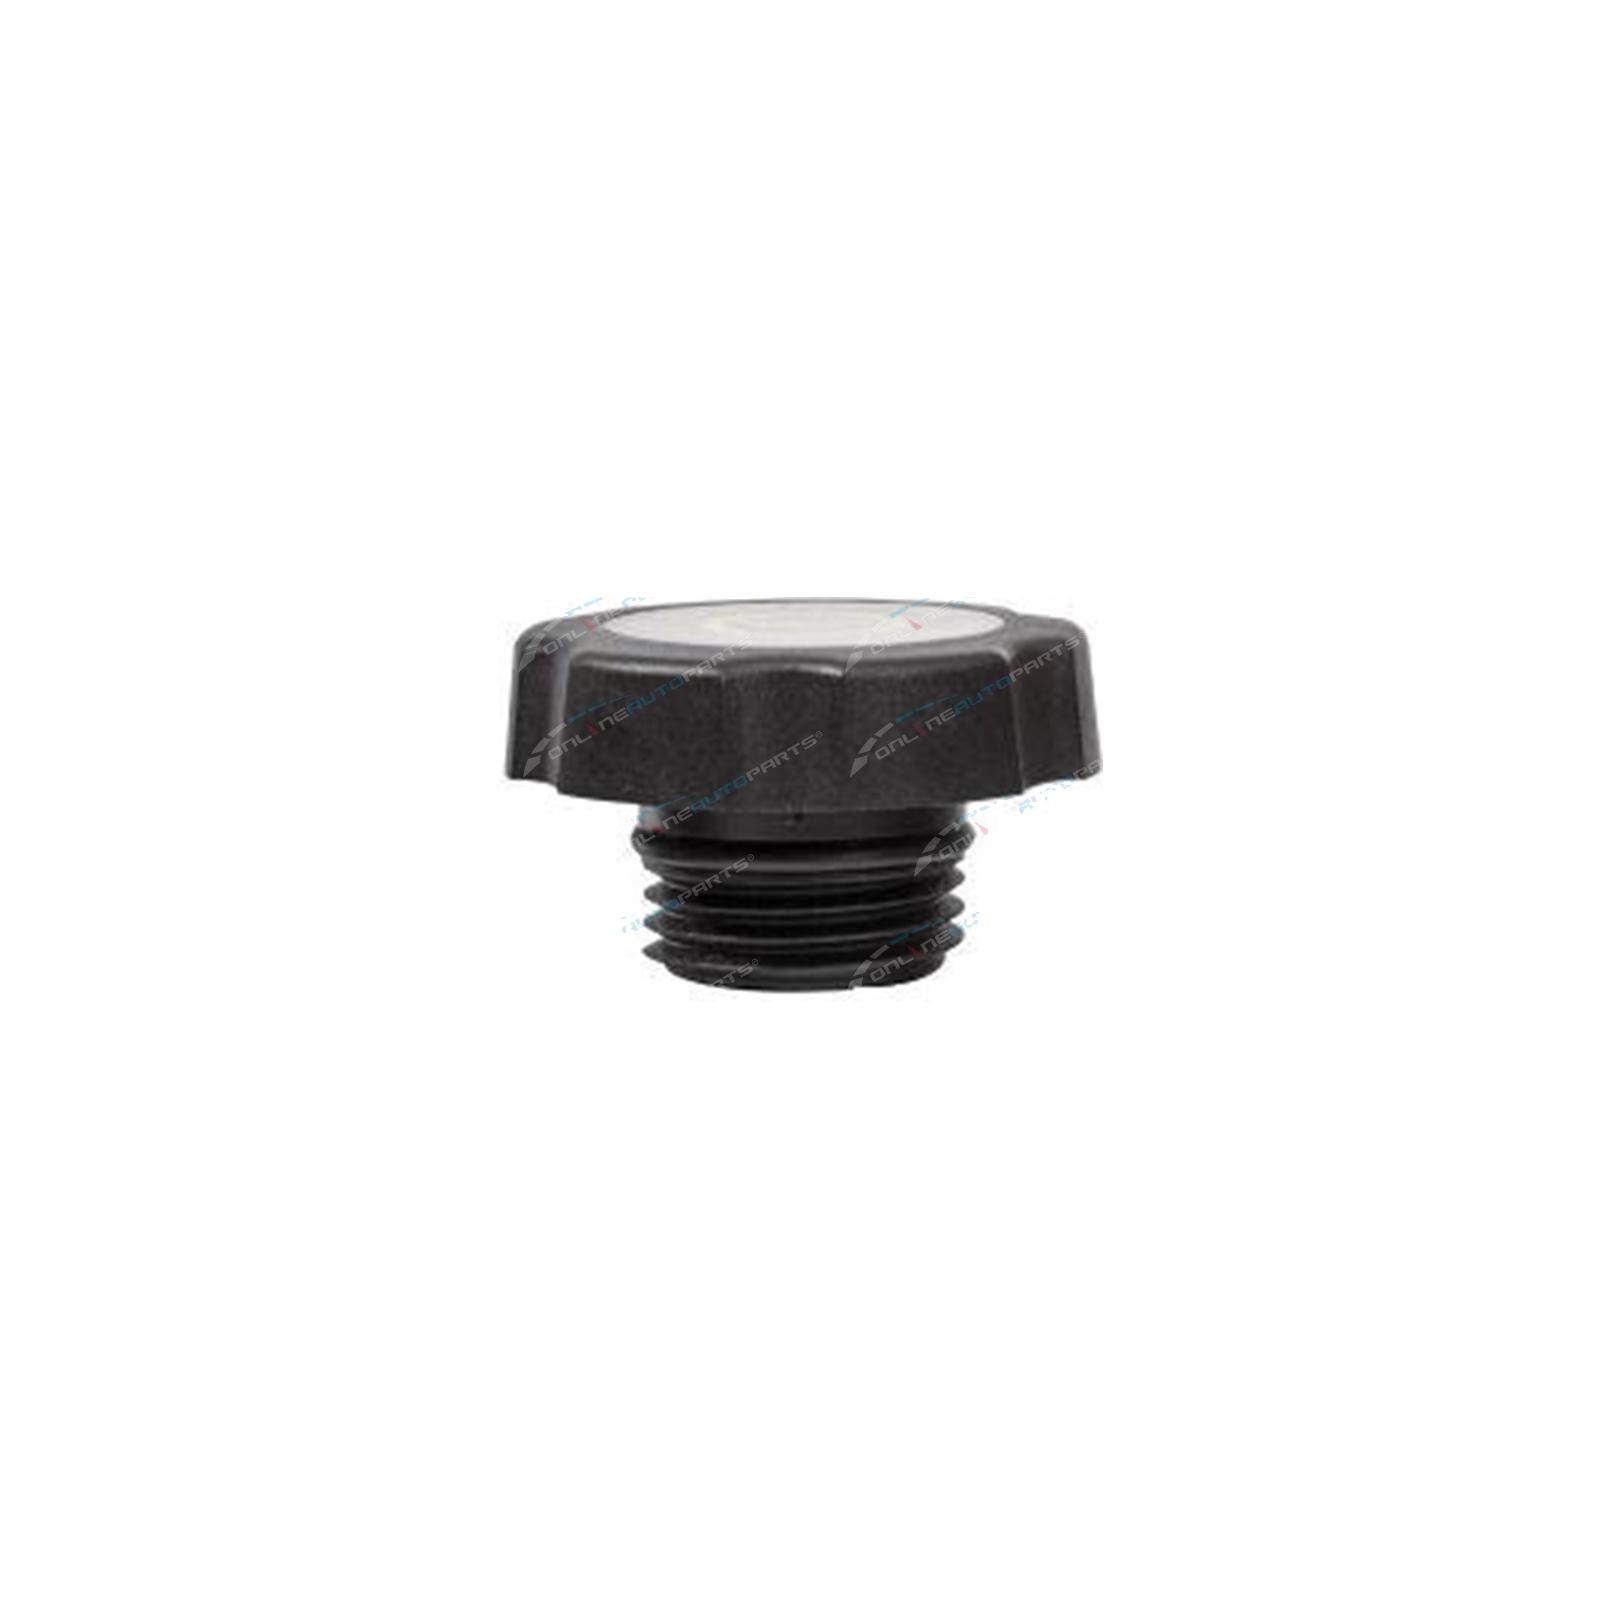 TOC523 - Engine Oil Cap Plastic screw (fine thread) - Tridon